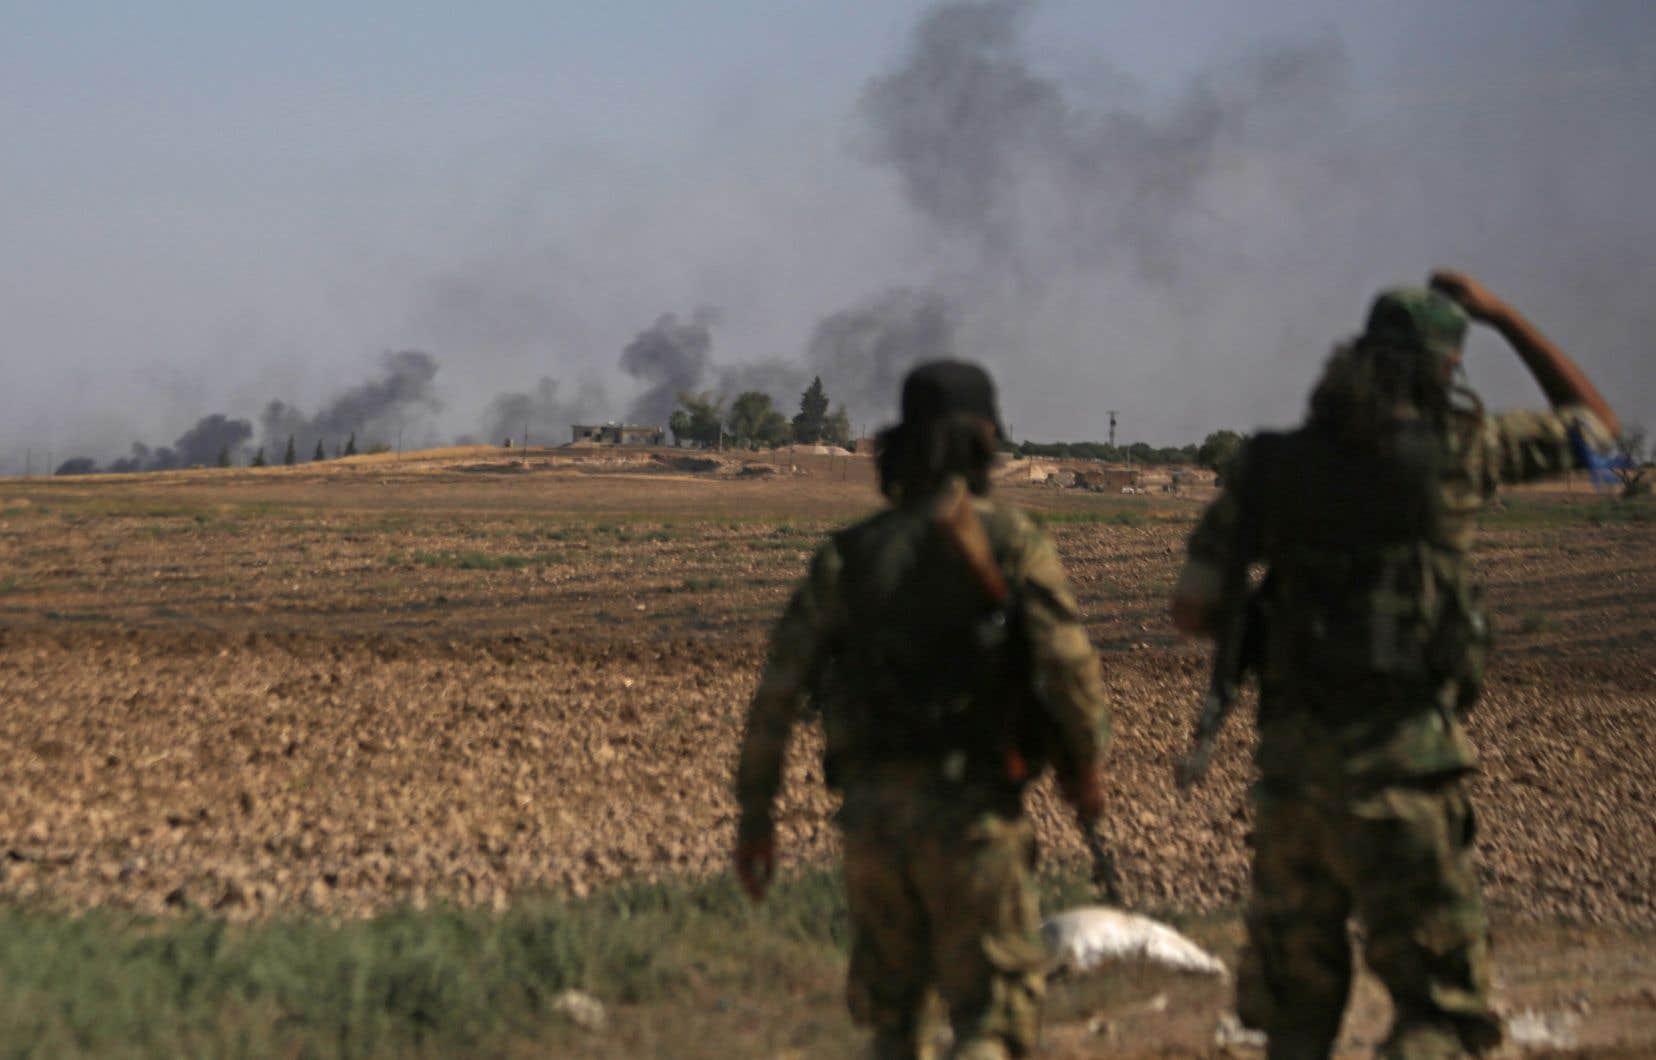 Samedi matin, les forces turques et leurs alliés locaux ont lancé l'assaut sur Ras al-Aïn, presque entièrement désertée par ses habitants, selon l'OSDH.